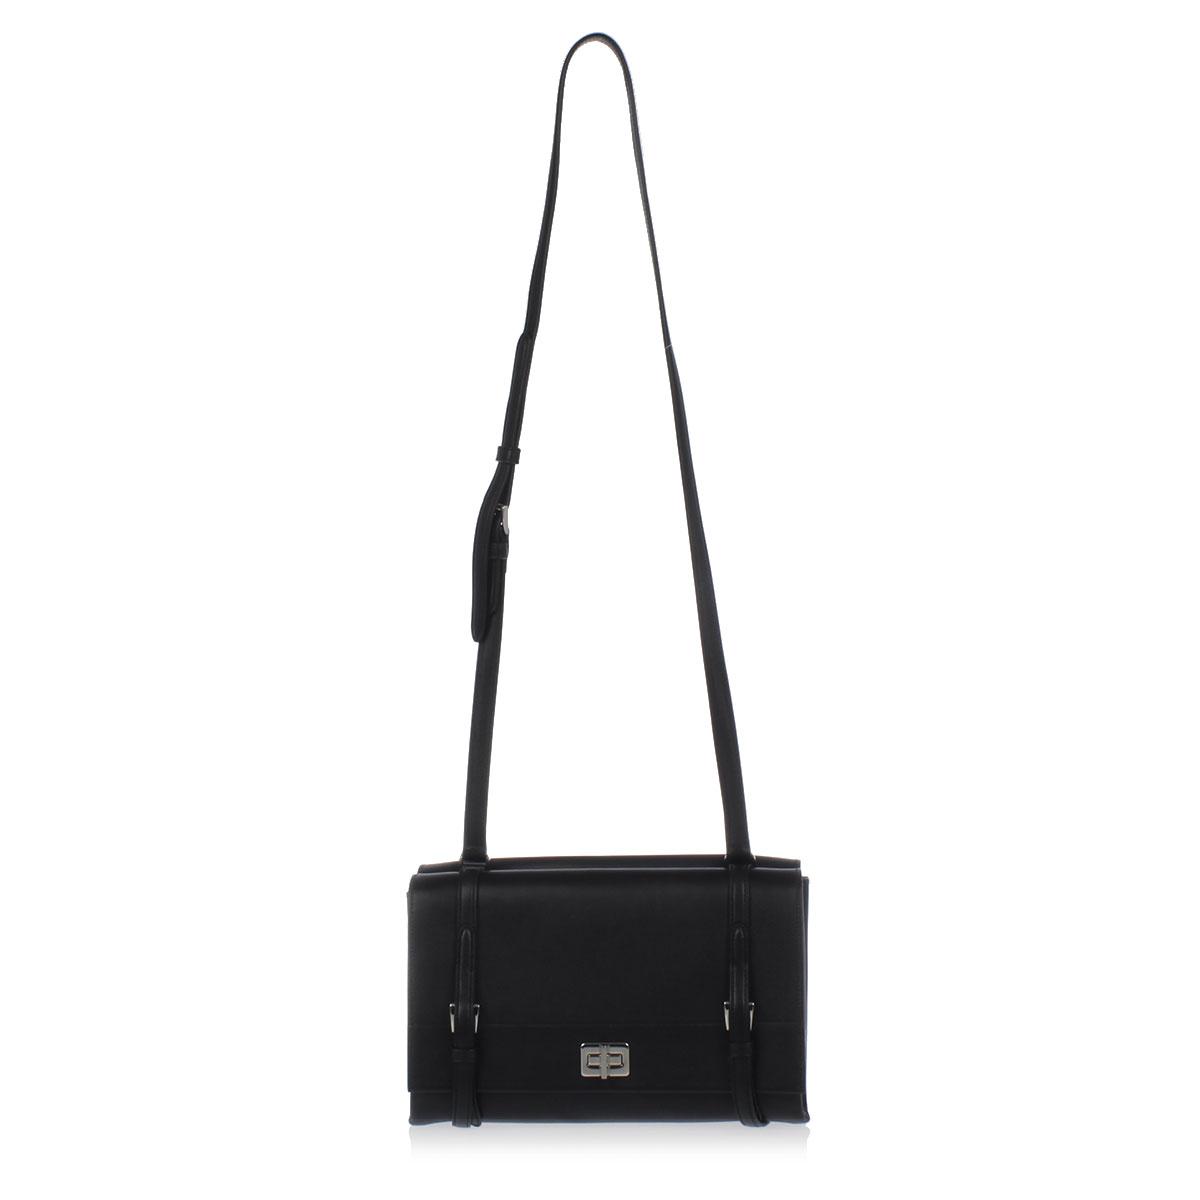 ded4cdc00202b Prada Women Leather Shoulder Bag - Glamood Outlet